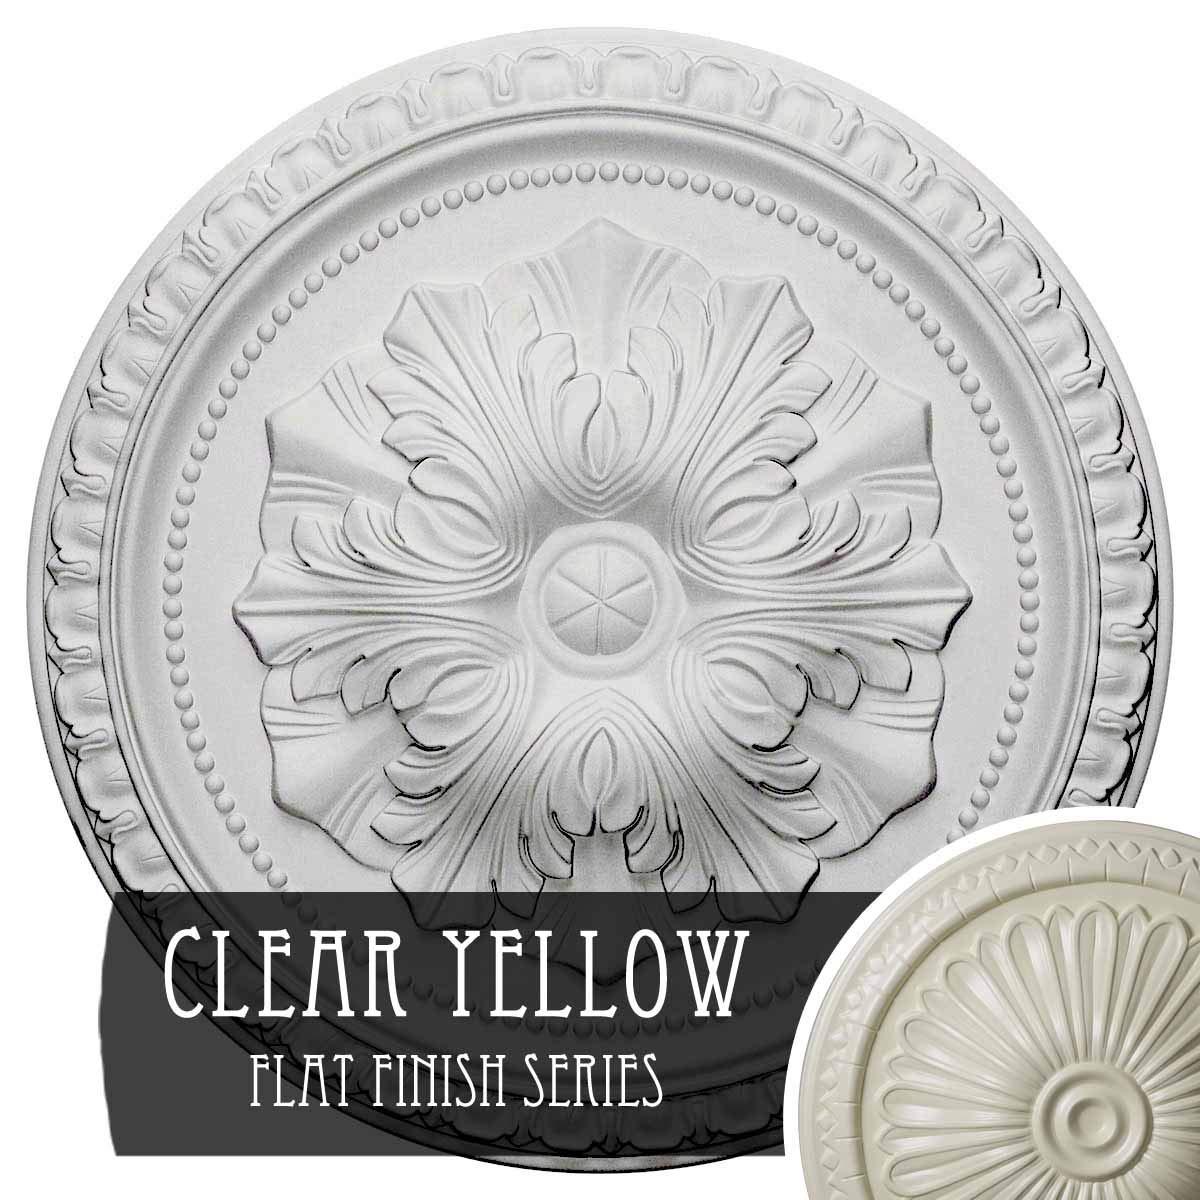 Ekena Millwork CM18RICYF Richmond Ceiling Medallion, 18'' OD x 1 3/8'' P, Clear Yellow